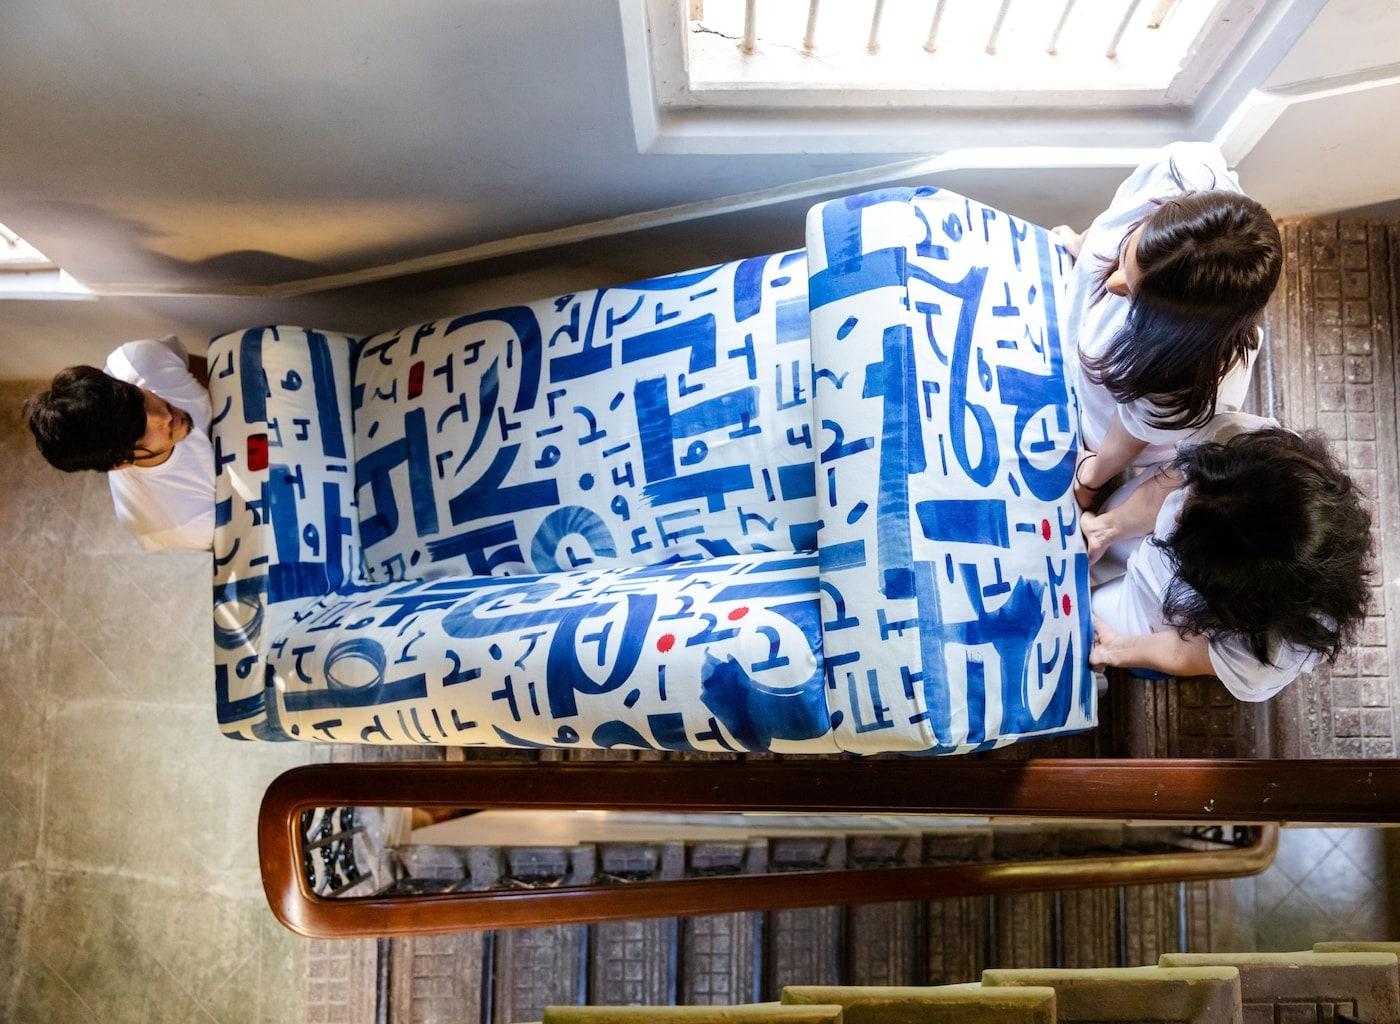 Traja ľudia s tmavými vlasmi nesú hore schodmi pohovku KLIPPAN s modro-bielym poťahom.